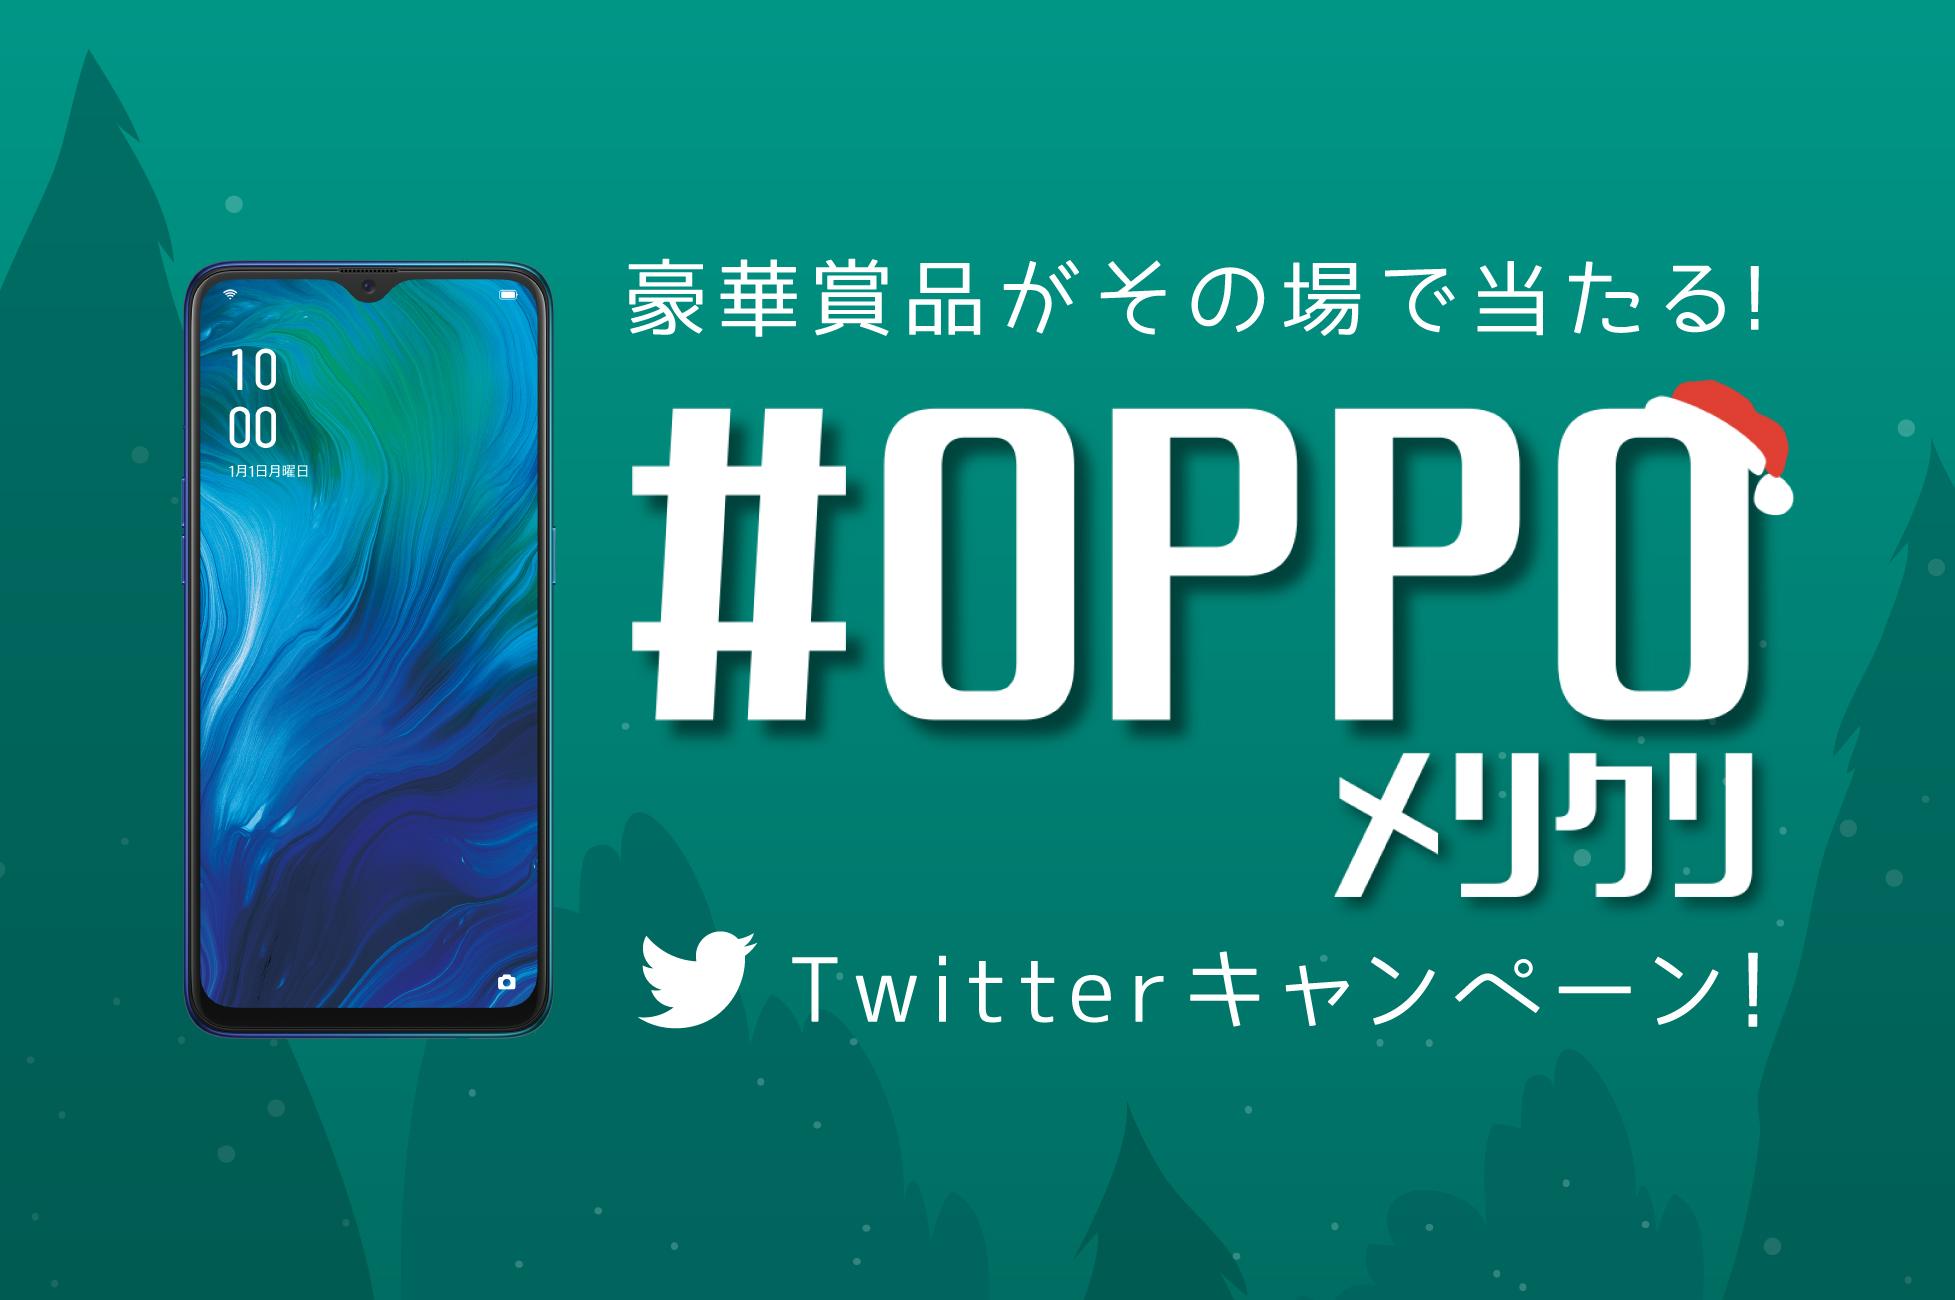 #OPPOメリクリ キャンペーン!Twitterでクイズに答えて賞品を当てよう